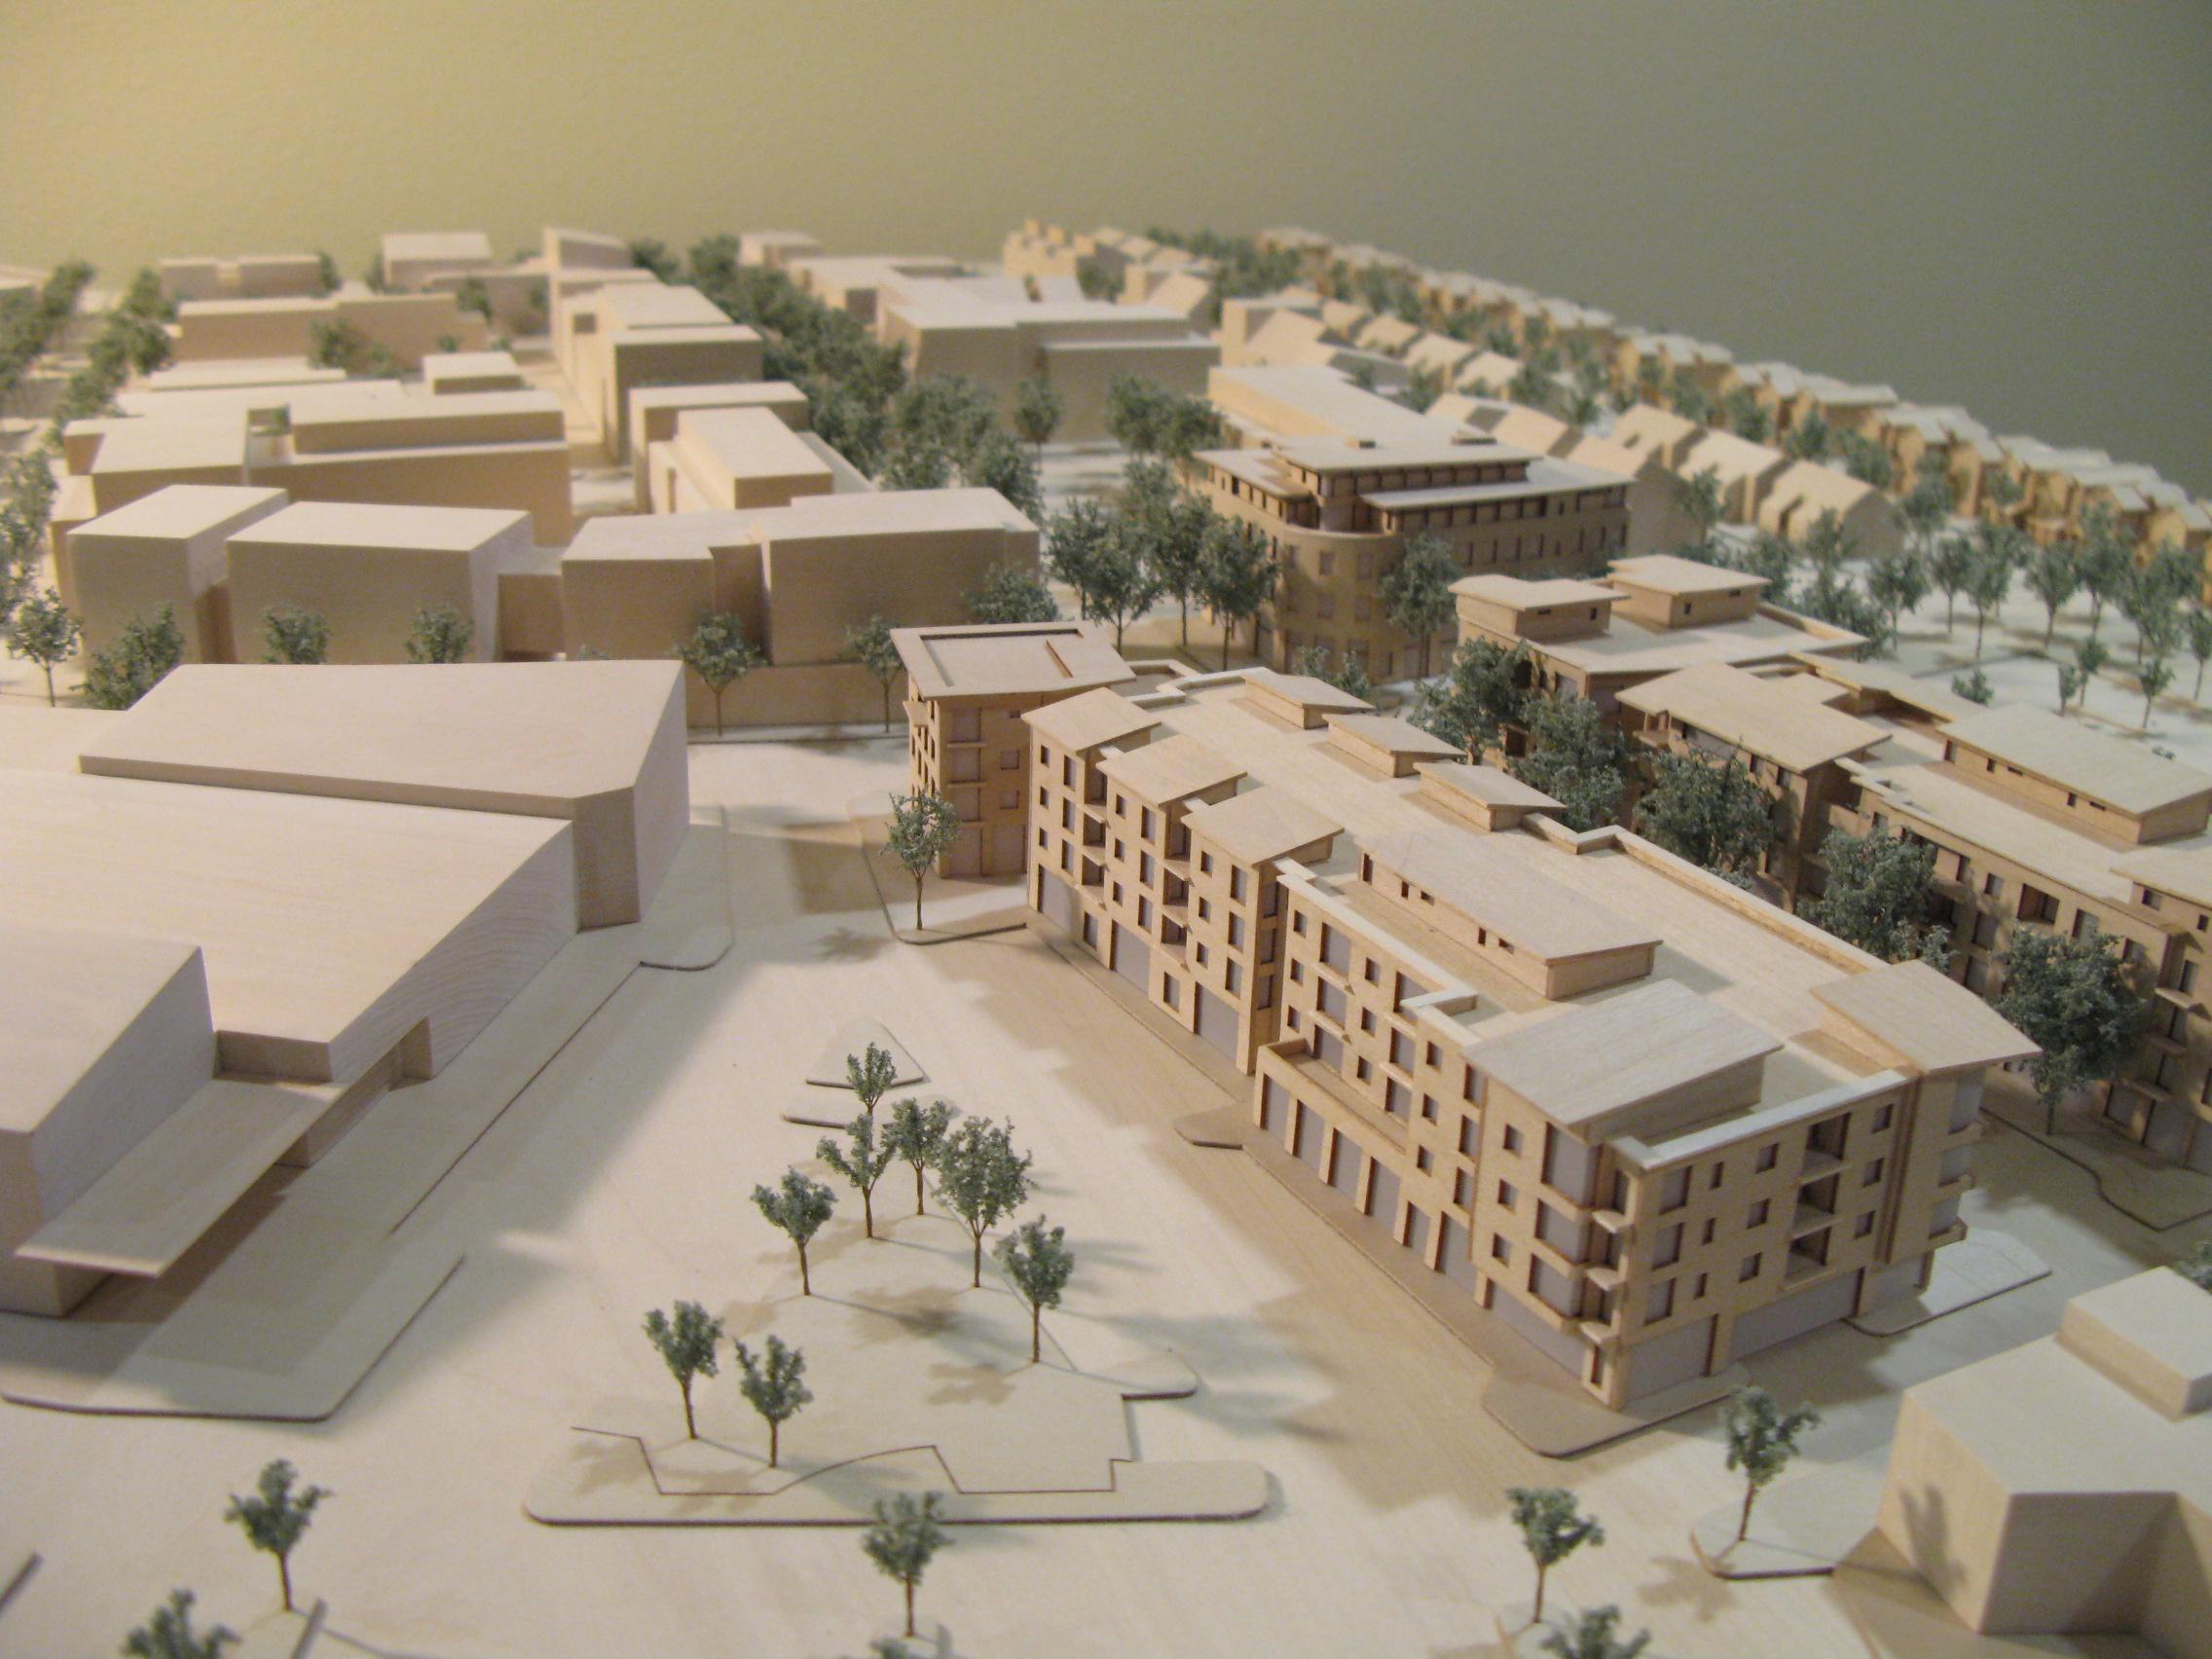 Crescent Village Urban Design Plan